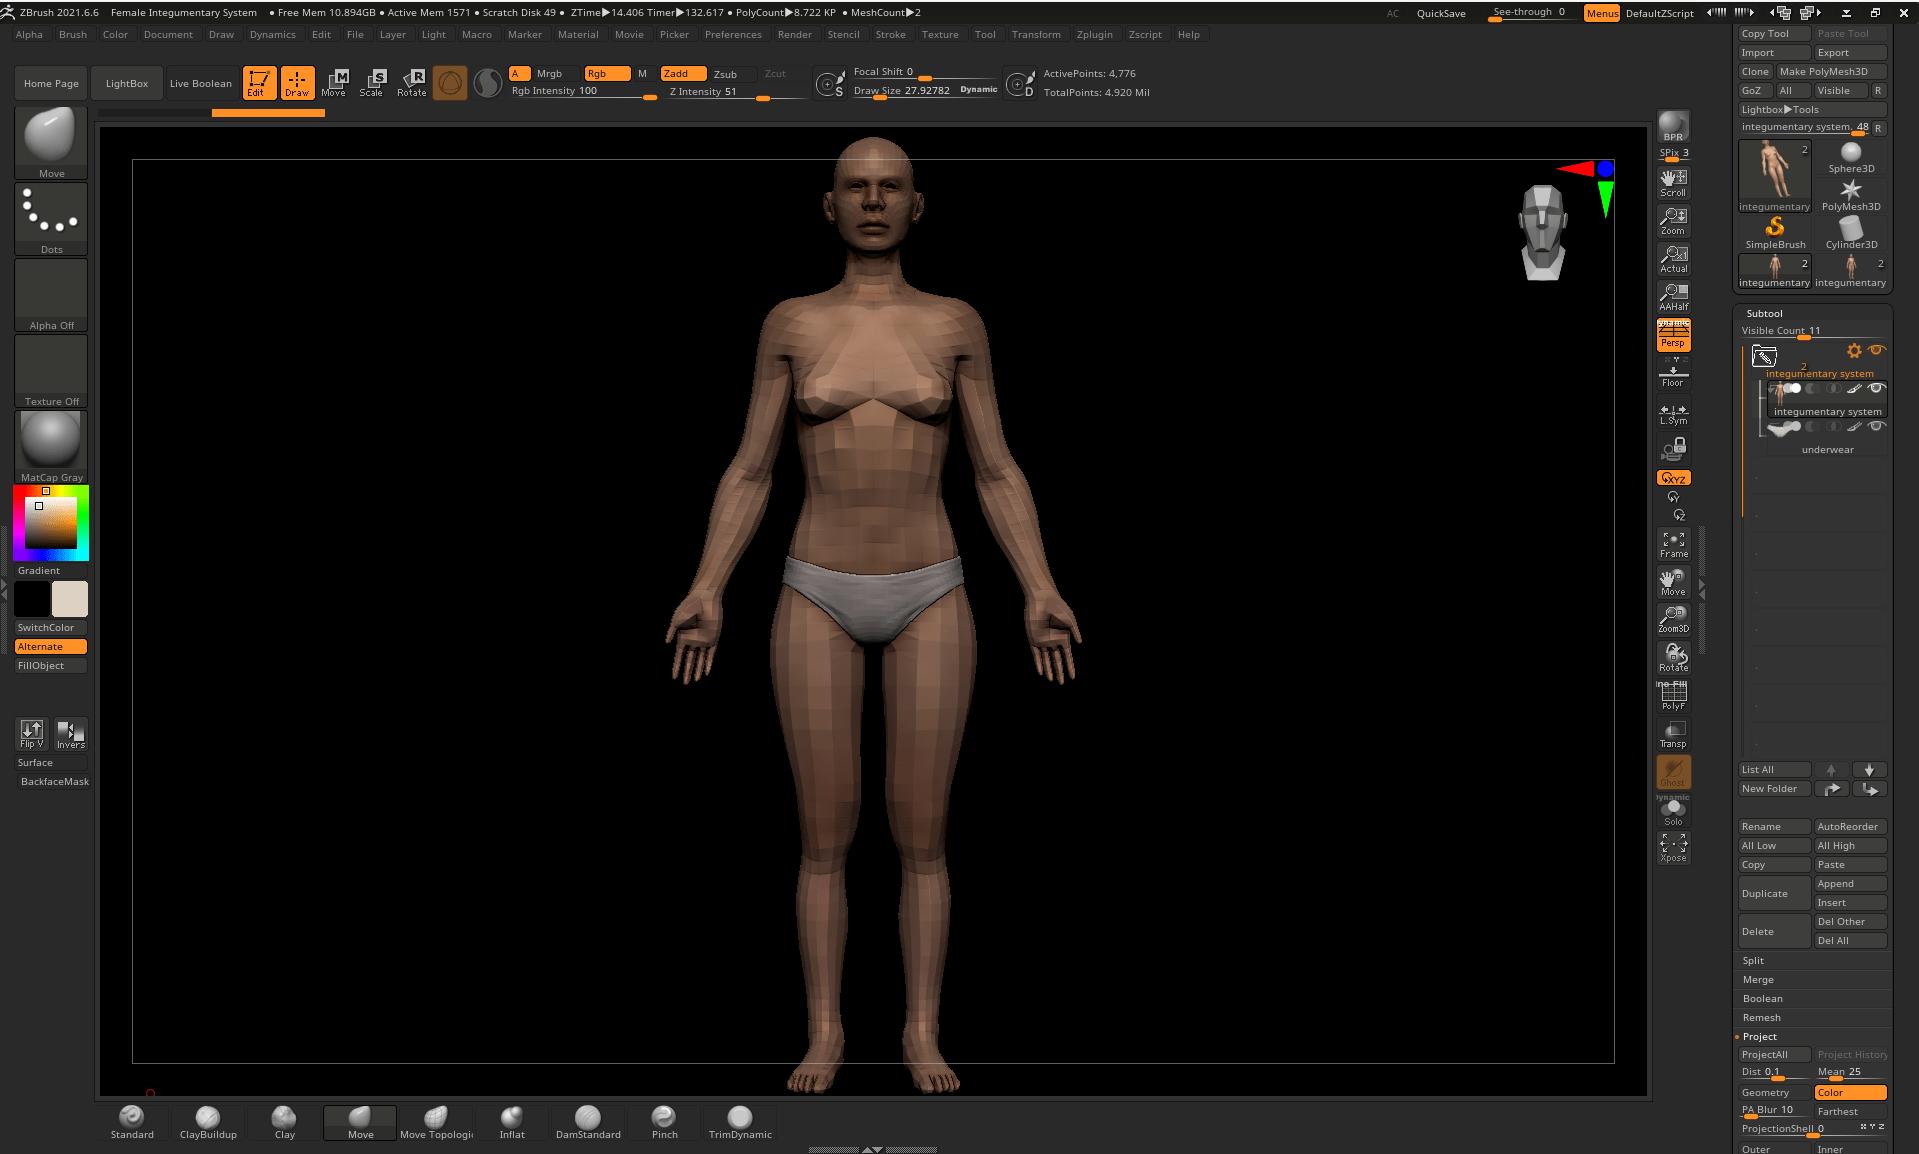 Capture 2 SA Anatomy | Study Anatomy in 3D